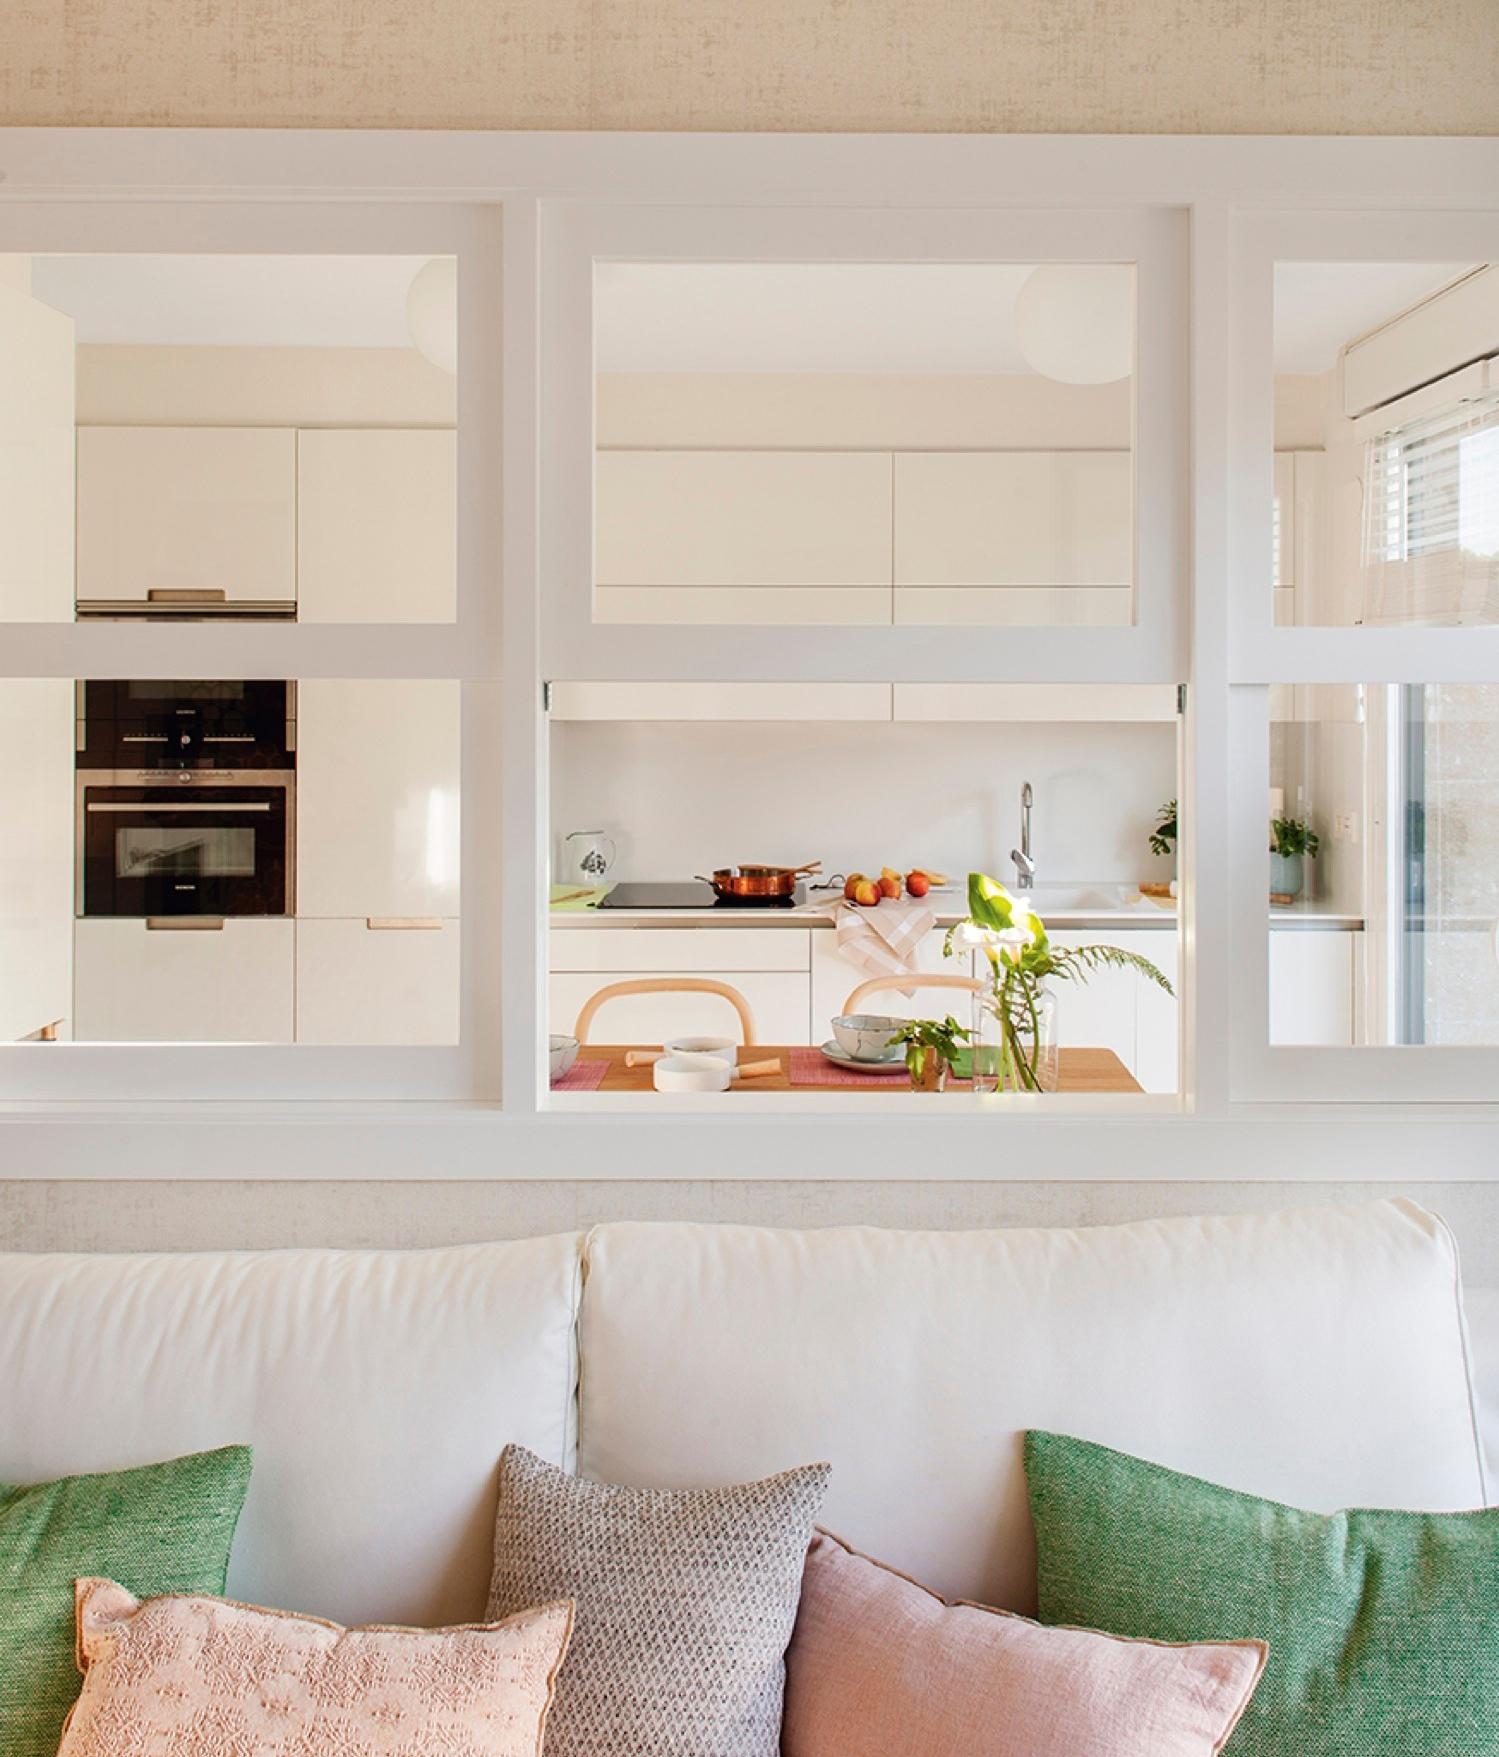 ventana conecta cocina salo 411866 98116a20